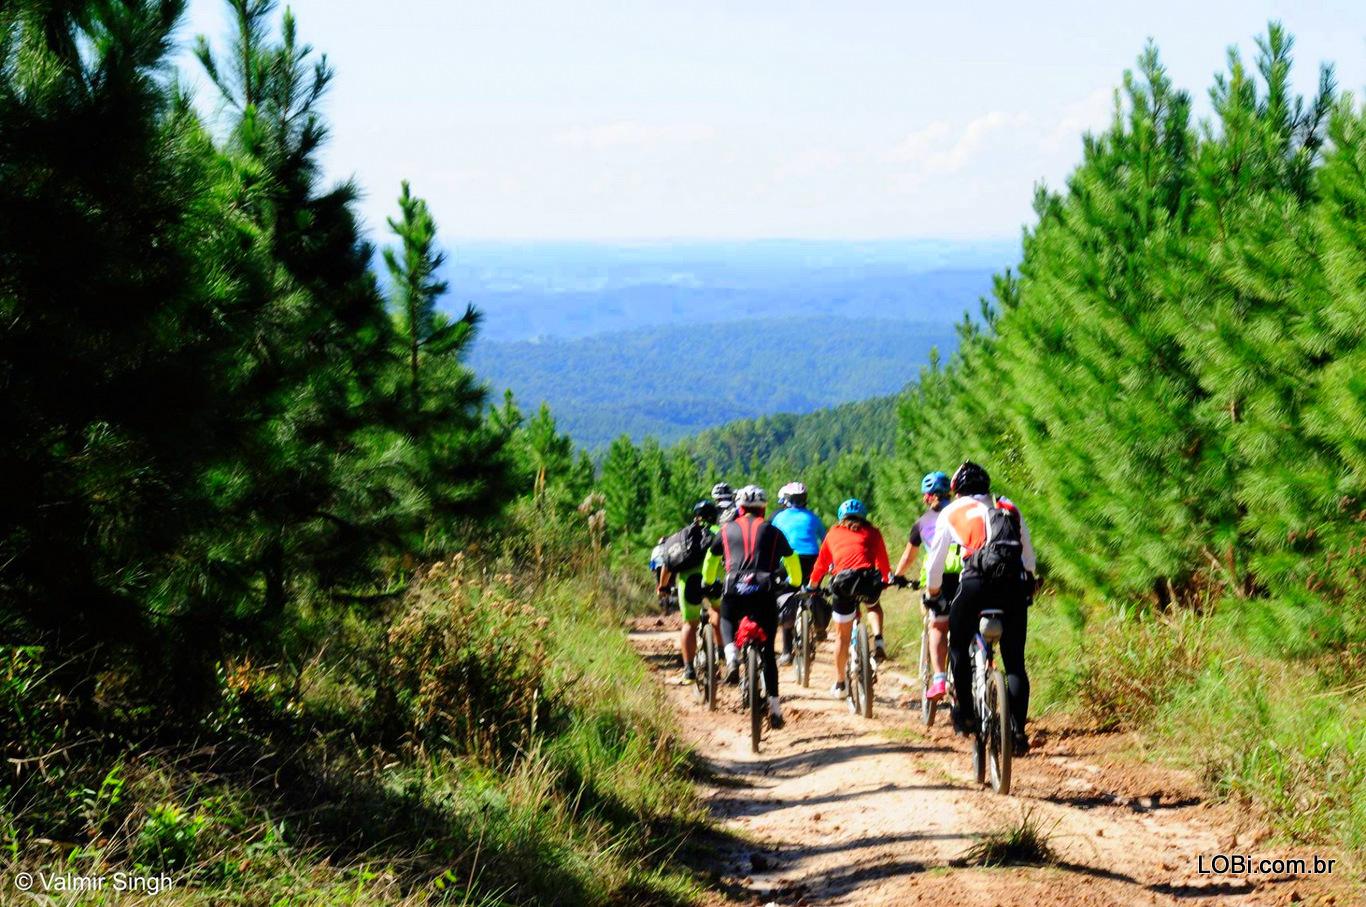 campos gerais lobi cicloturismo cicloturismo ciclotur cicloviagem eventos pedal bike bicicleta passeio de bike passeio de bicicleta